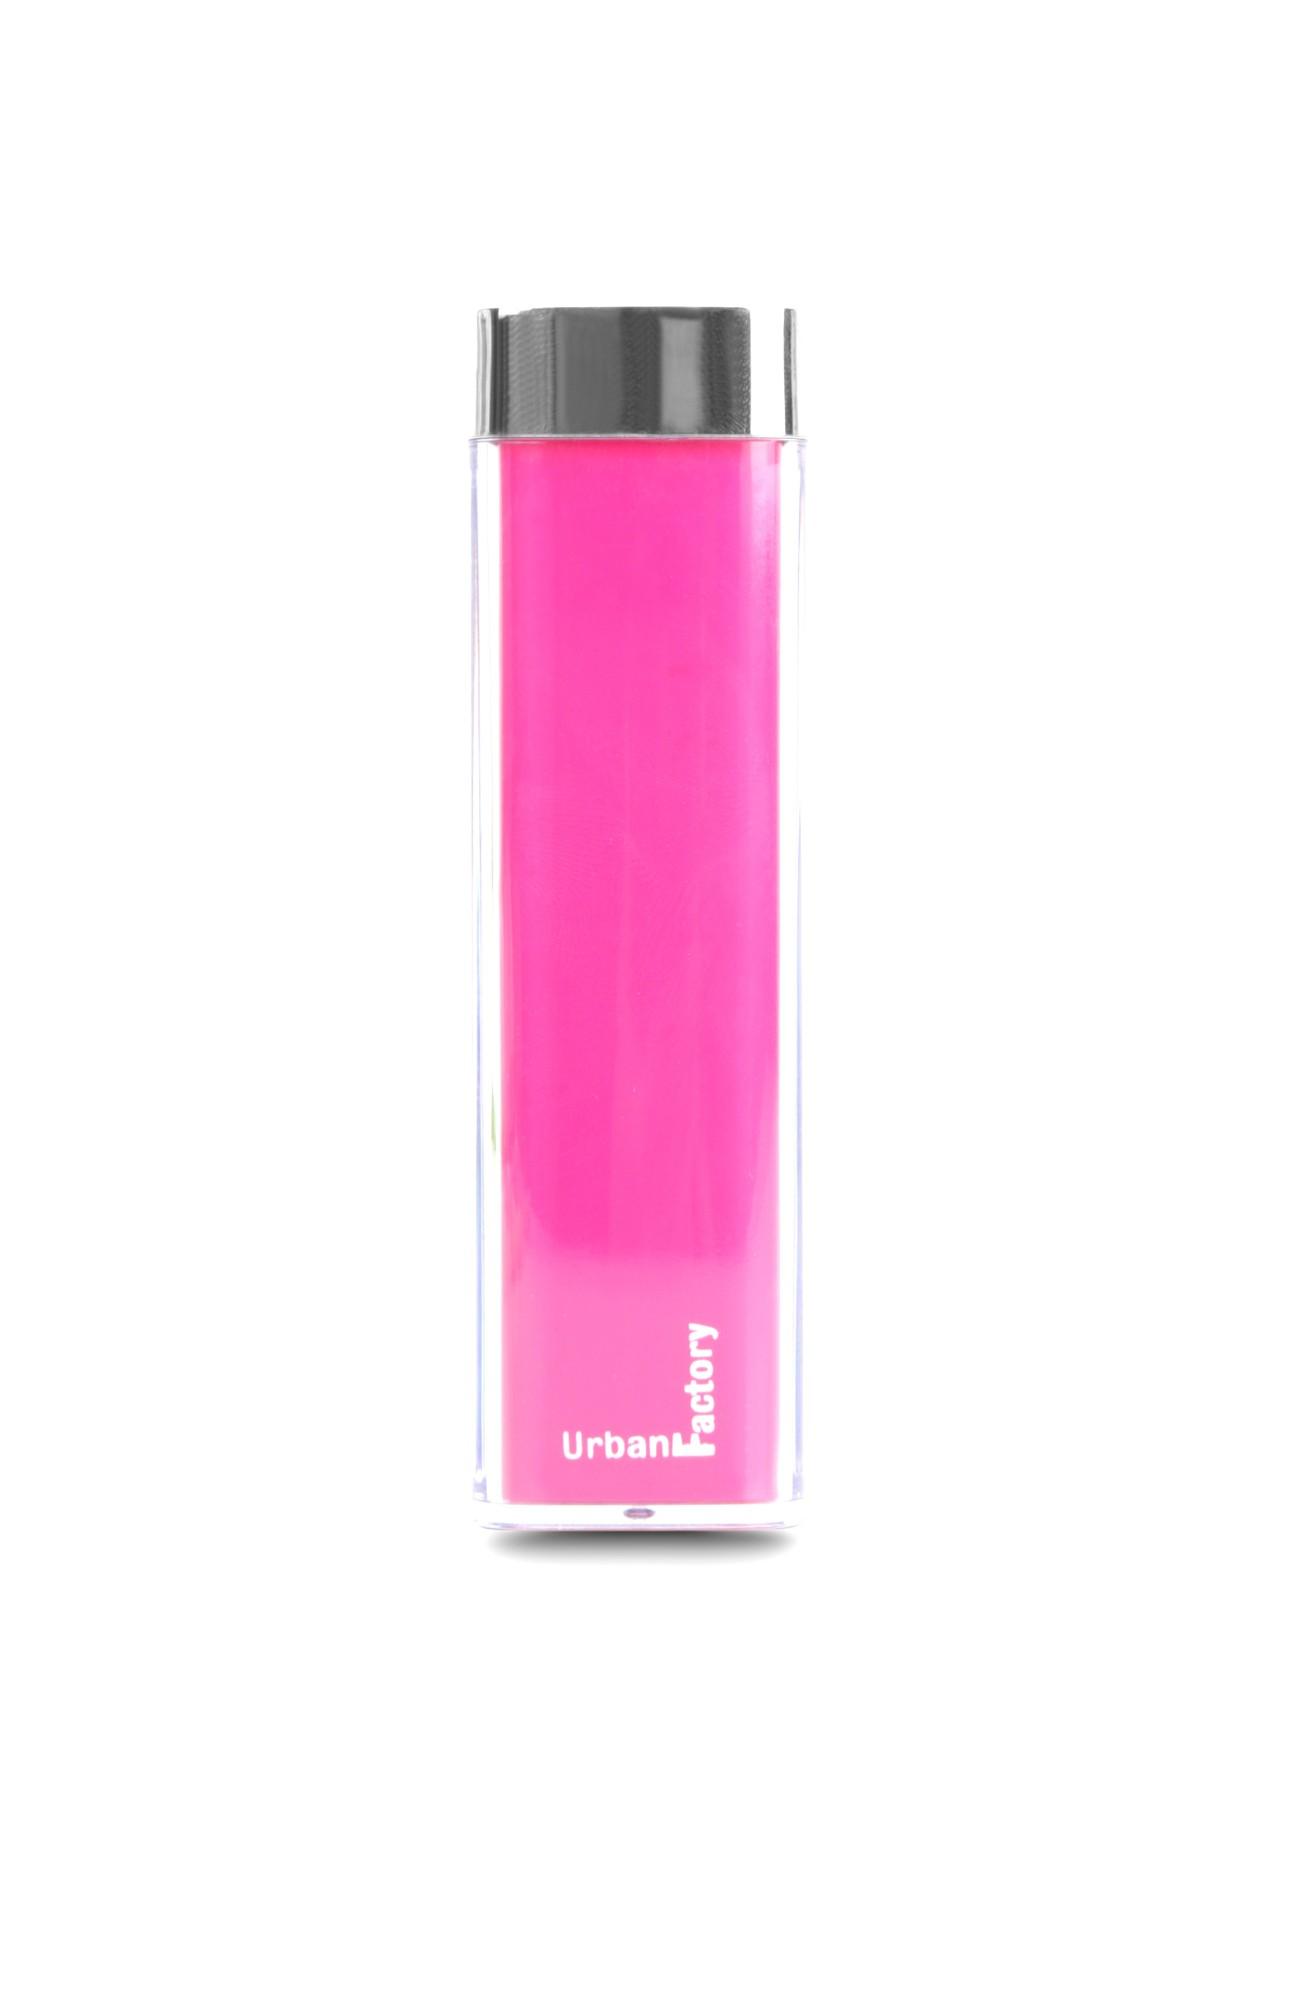 Urban Factory Lipstick batería externa Fucsia 2600 mAh